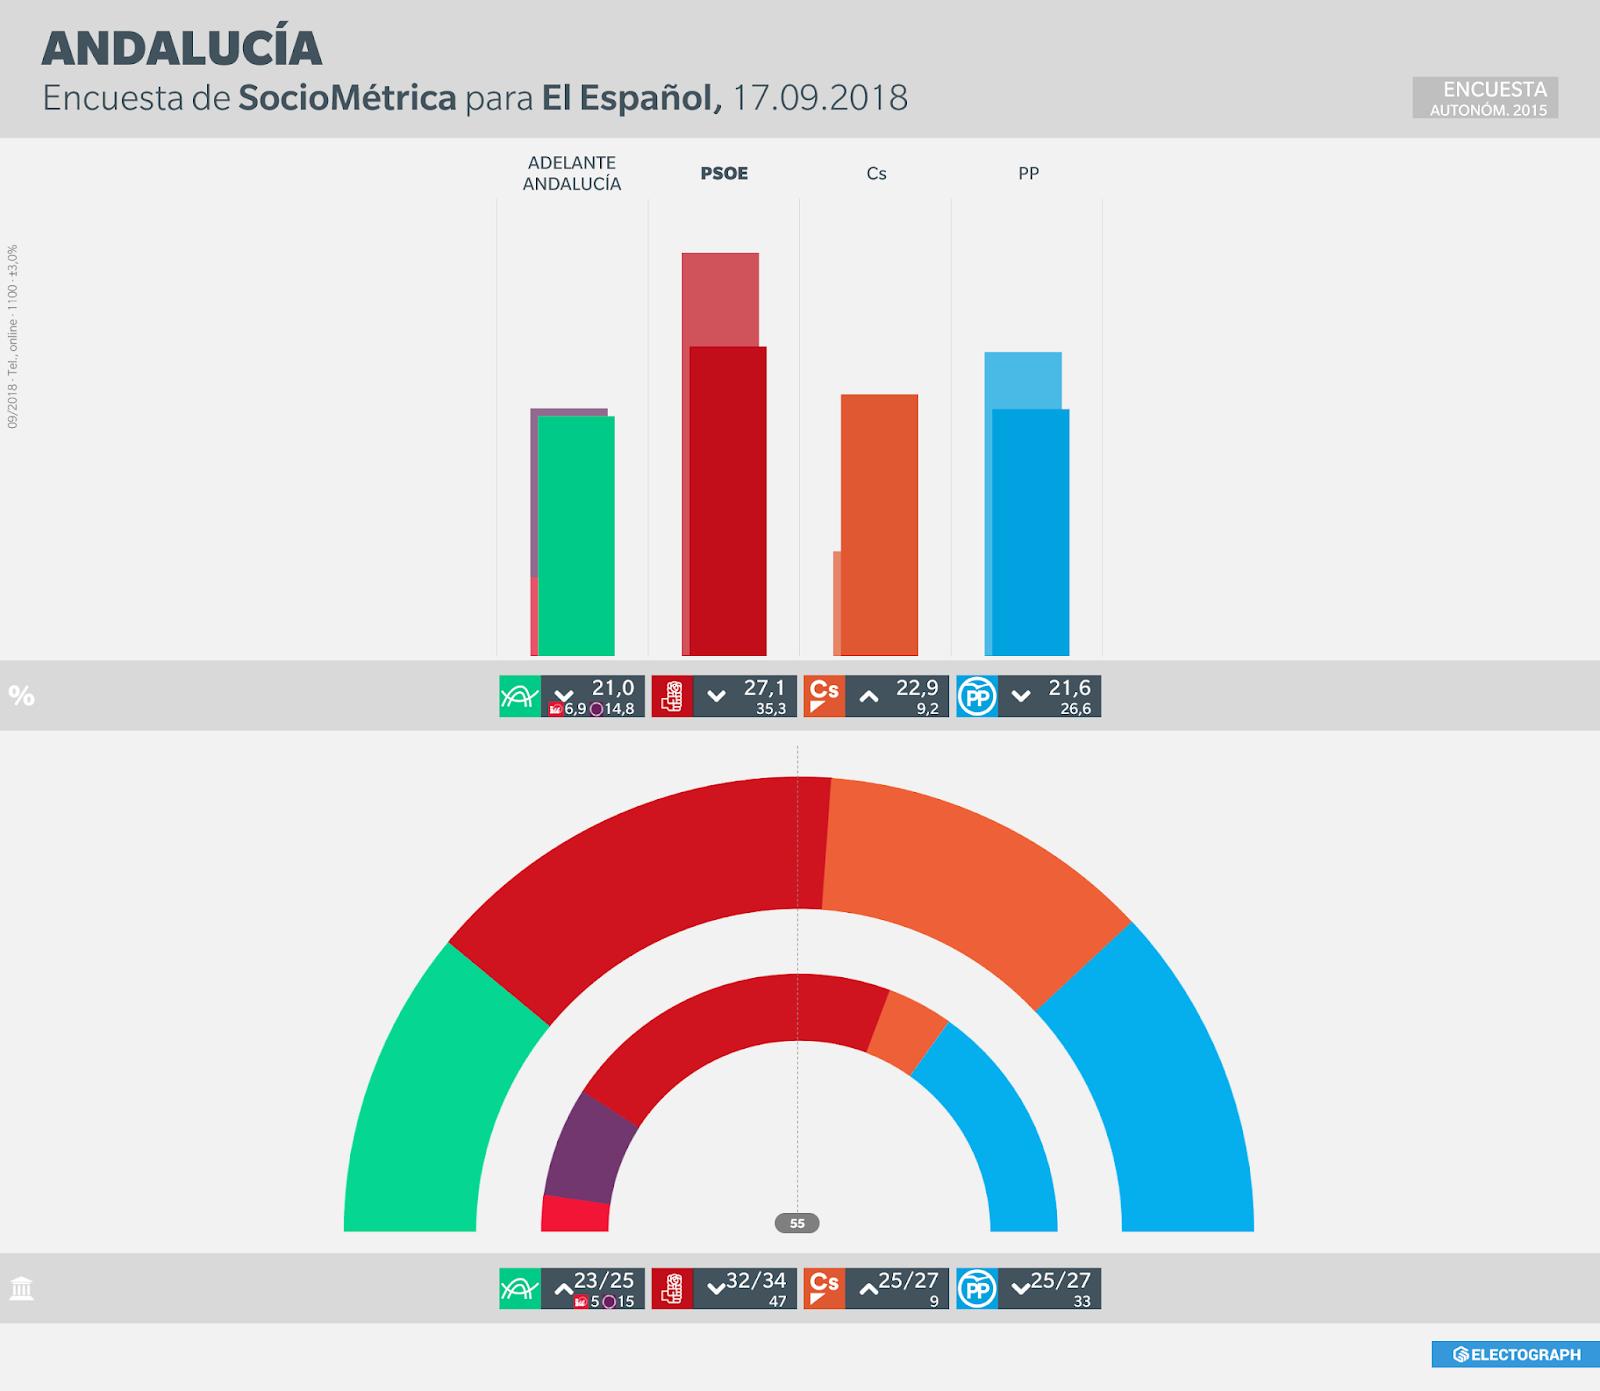 Gráfico de la encuesta para elecciones autonómicas en Andalucía realizada por SocioMétrica para El Español en septiembre de 2018